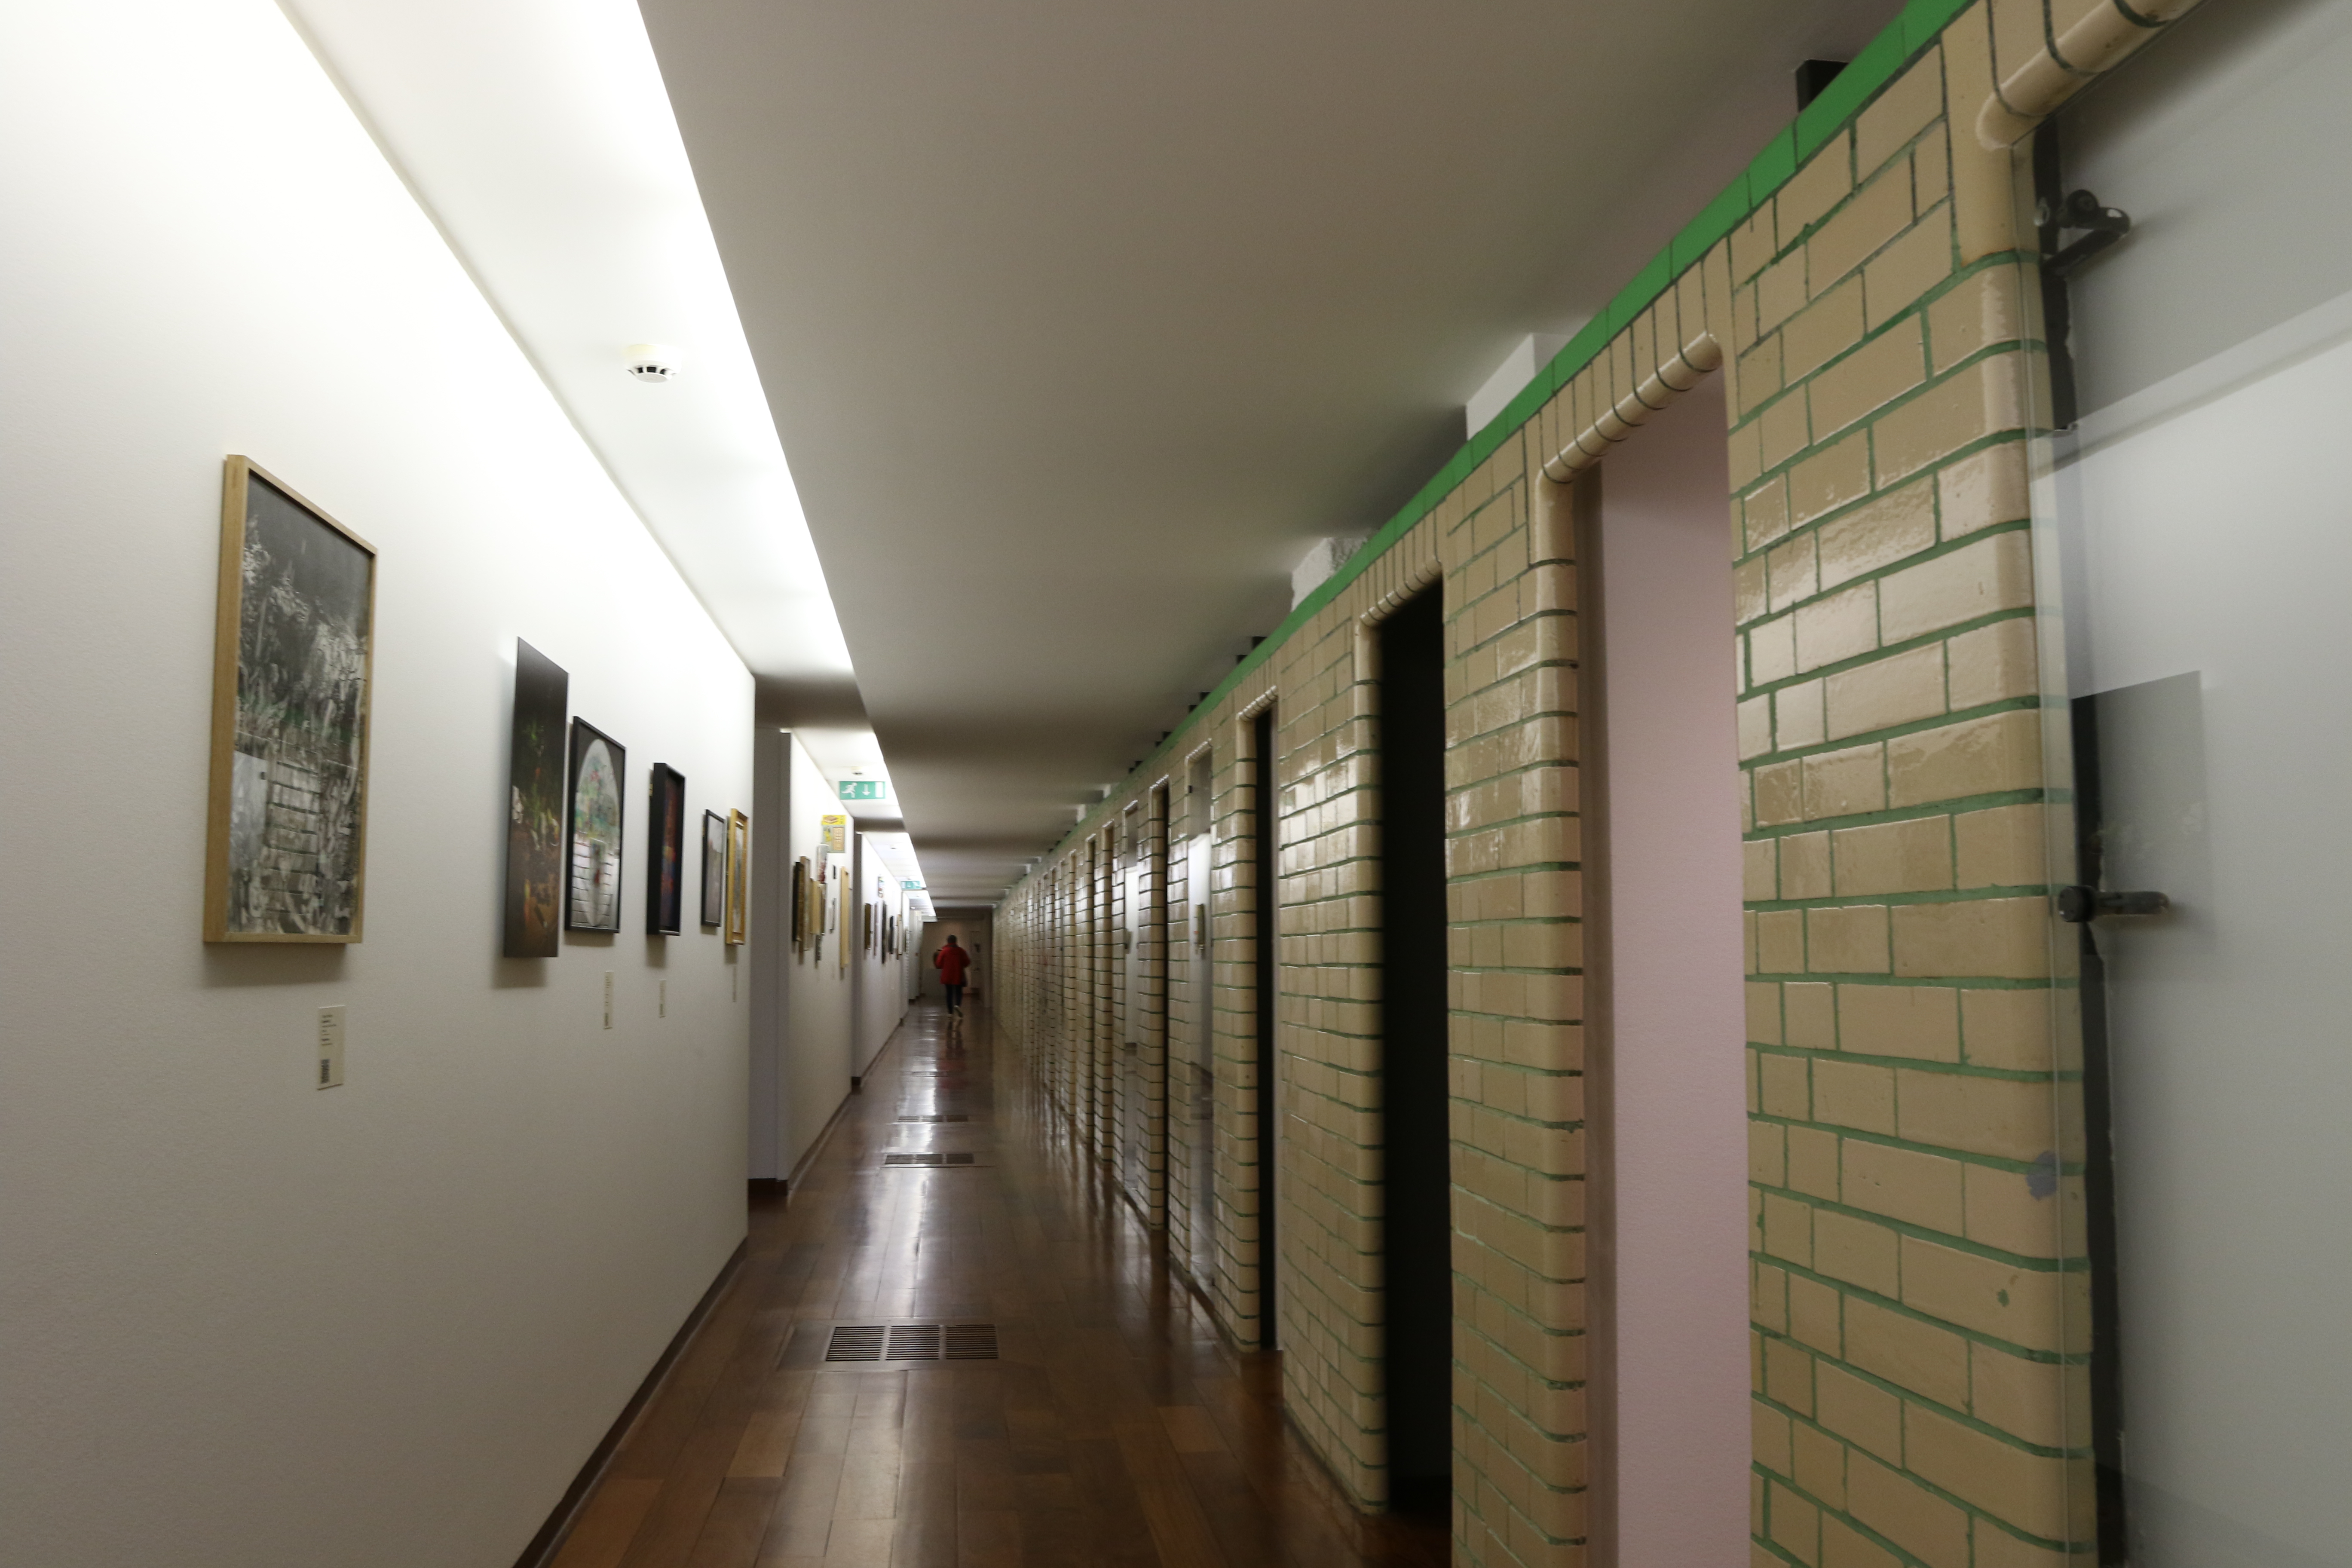 Couloirs des vestiaires du Musée de La Piscine de Roubaix